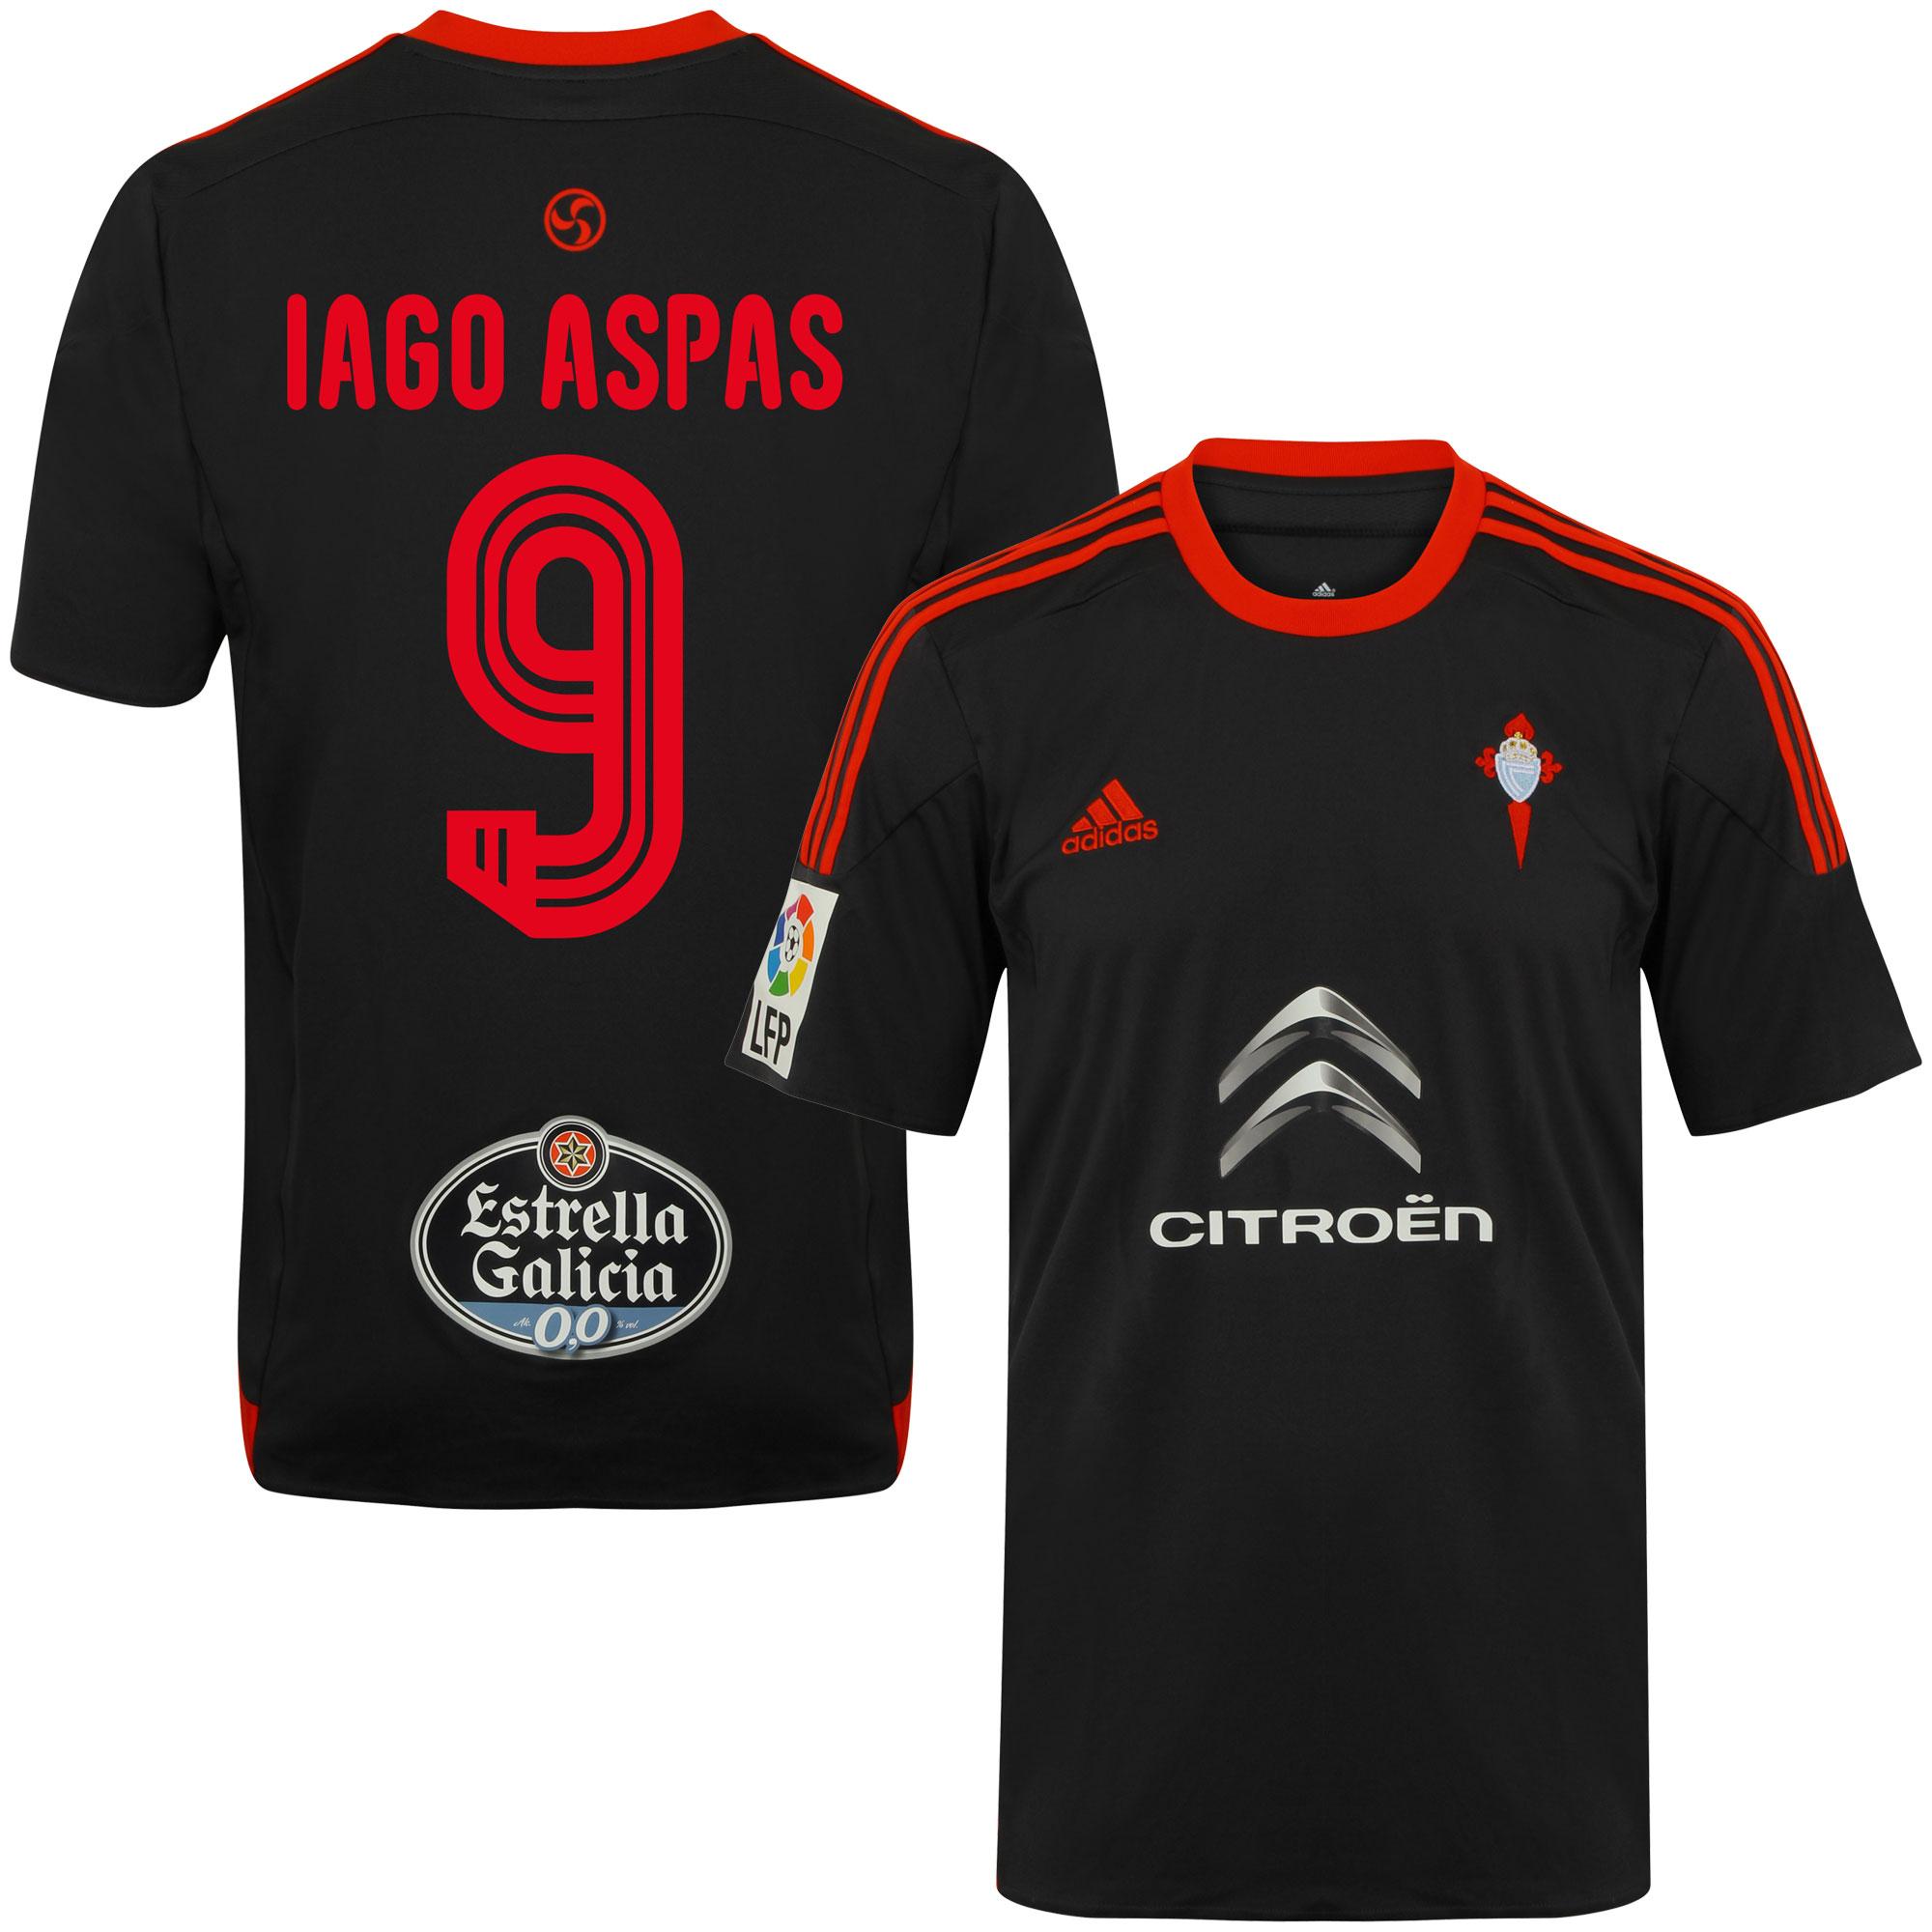 Celta Vigo Away Iago Aspas Jersey 2015 / 2016 (Fan Style Printing) - 46